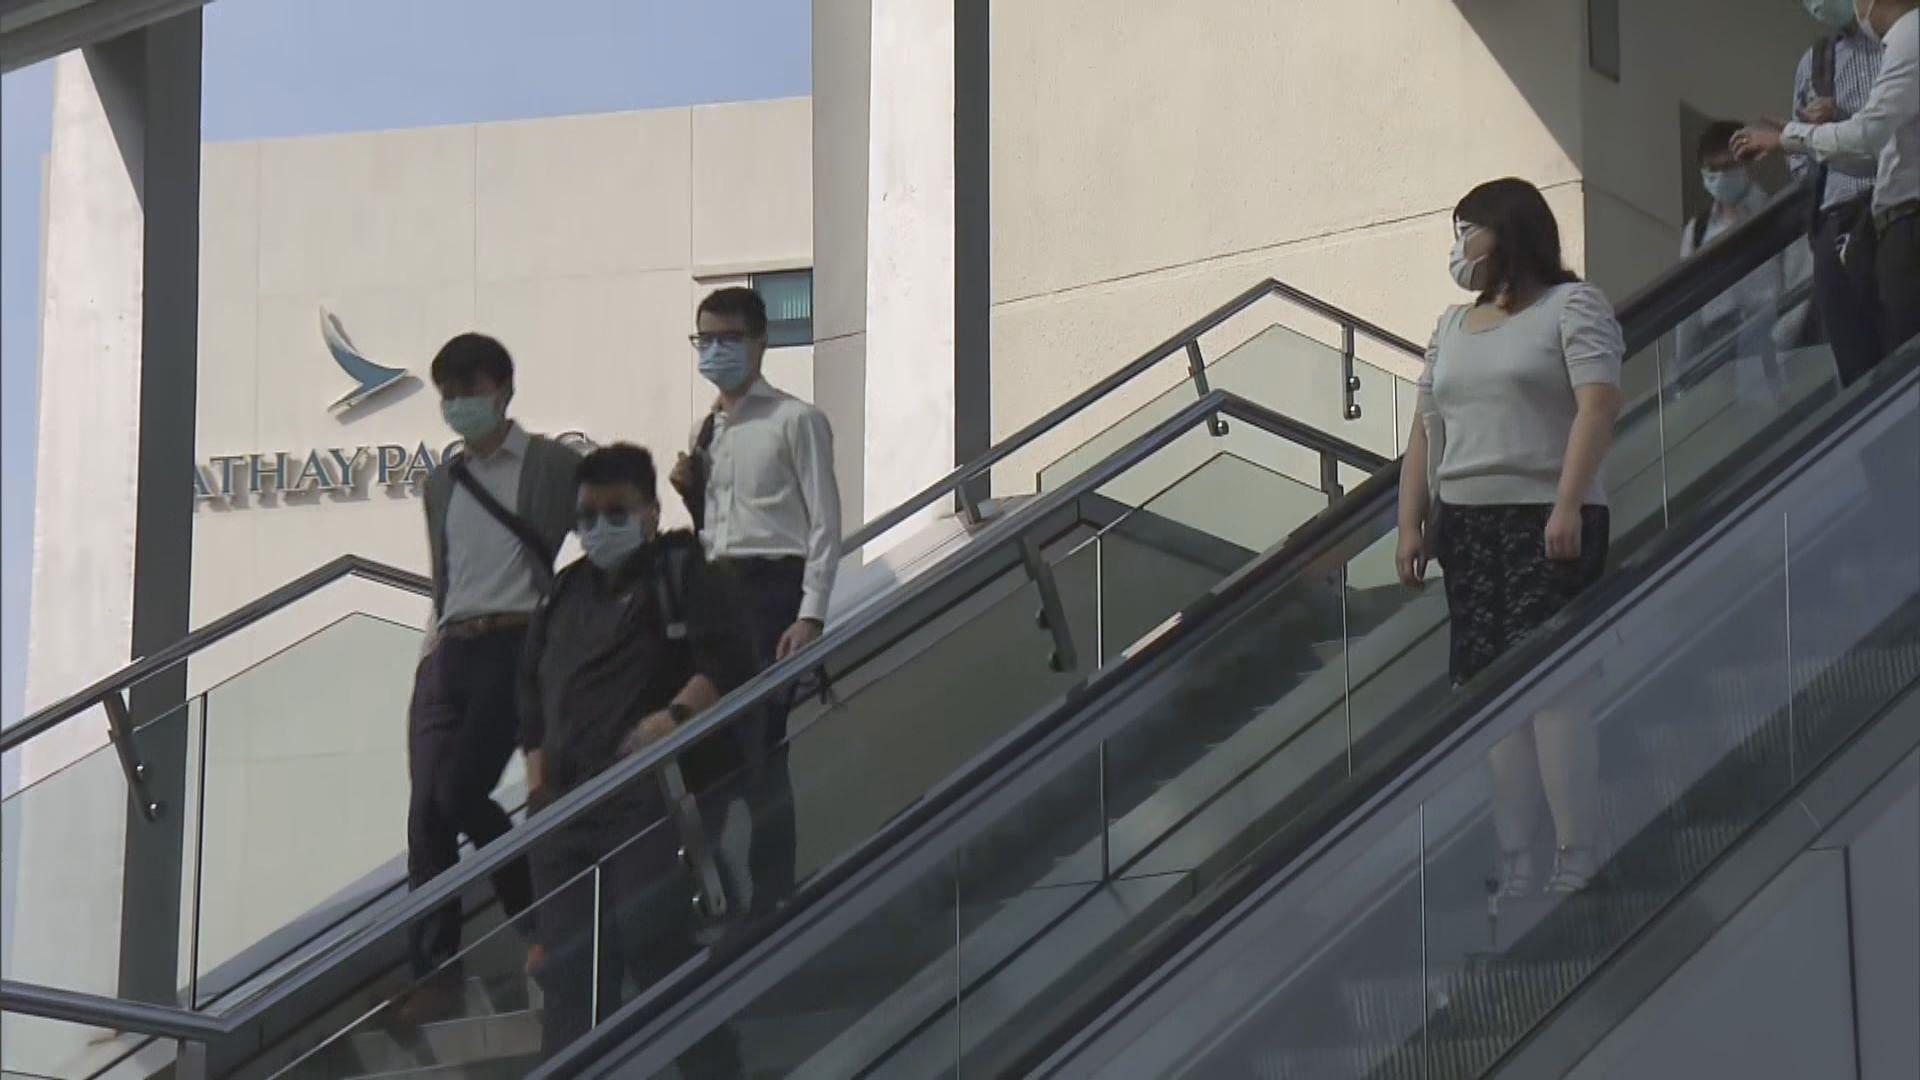 國泰:若航空業明年恢復 不需要再進一步裁員